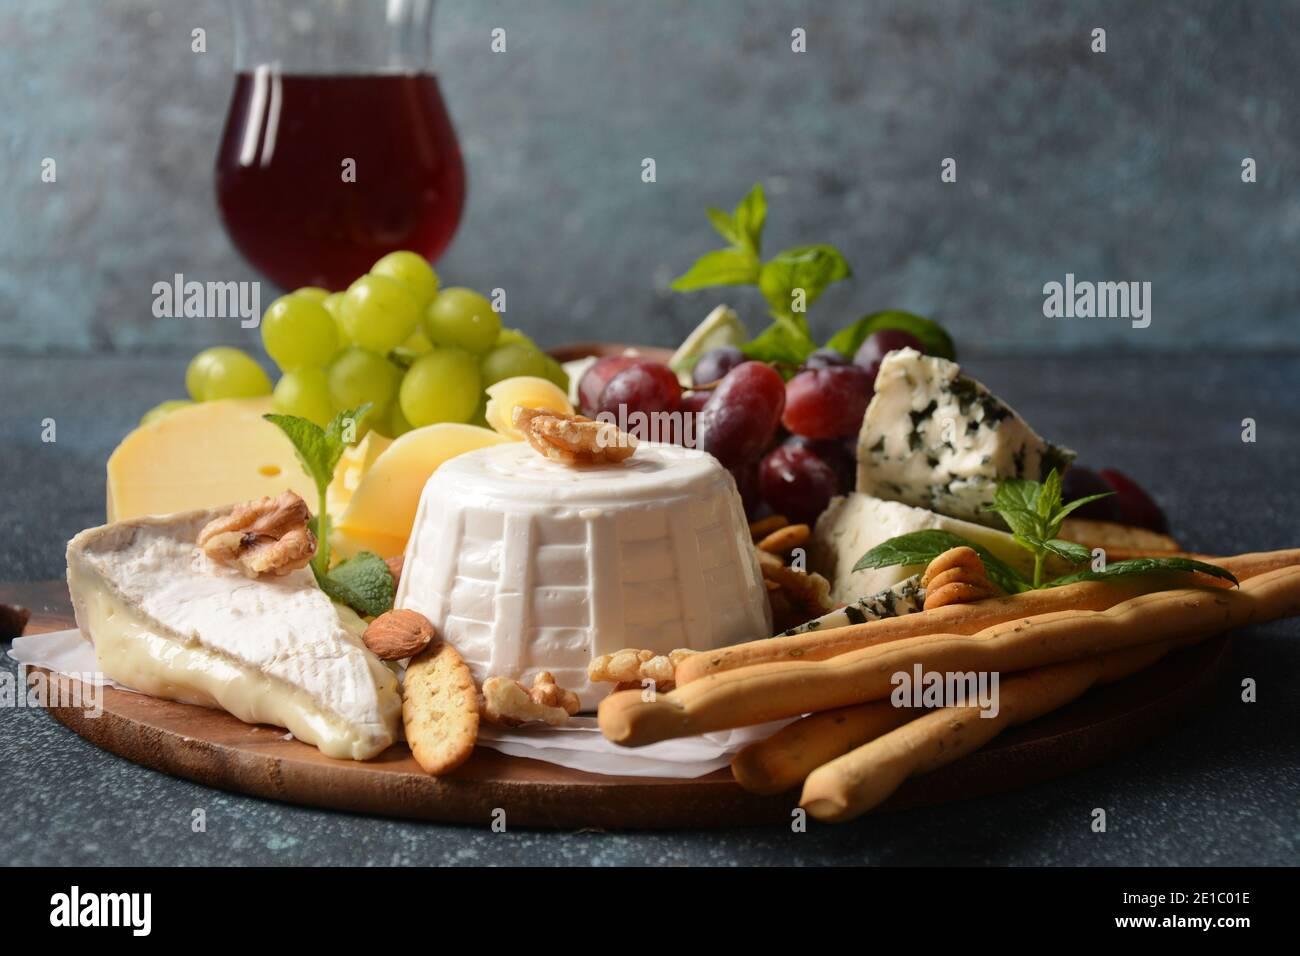 Käseplatte mit verschiedenen Käsesorten, Trauben, Nüssen und Snacks. Italienische, französische Käsespeise. Traditionelles Shavuot jüdisches Feiertagsessen Konzept Stockfoto